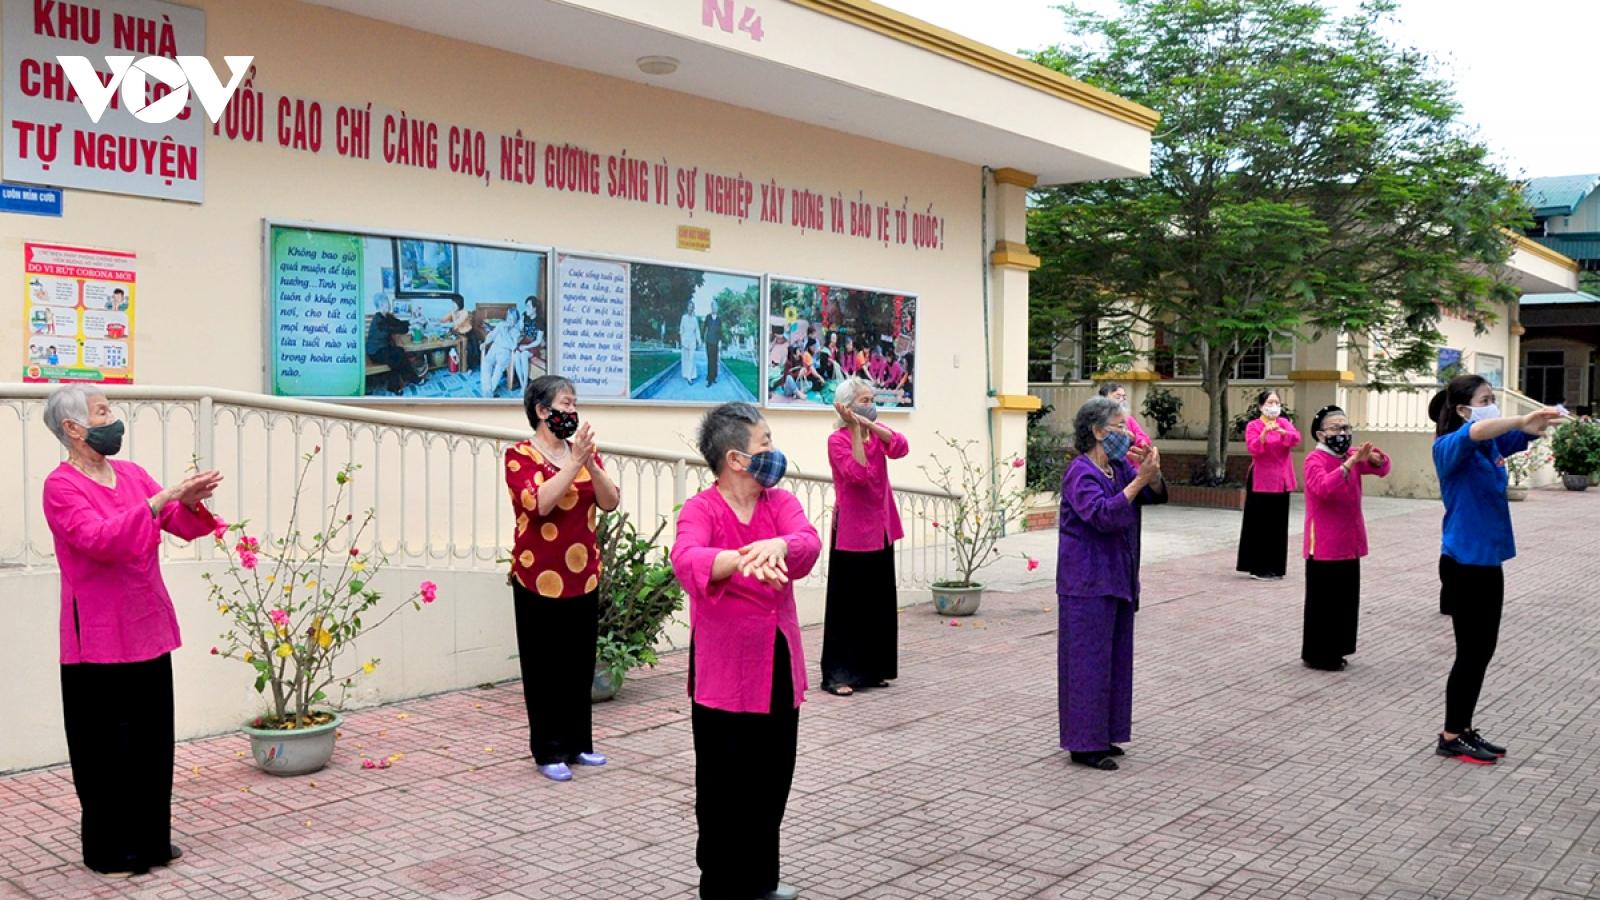 Quảng Ninh nâng mức trợ cấpxã hội cho hơn 45.000người khó khăn